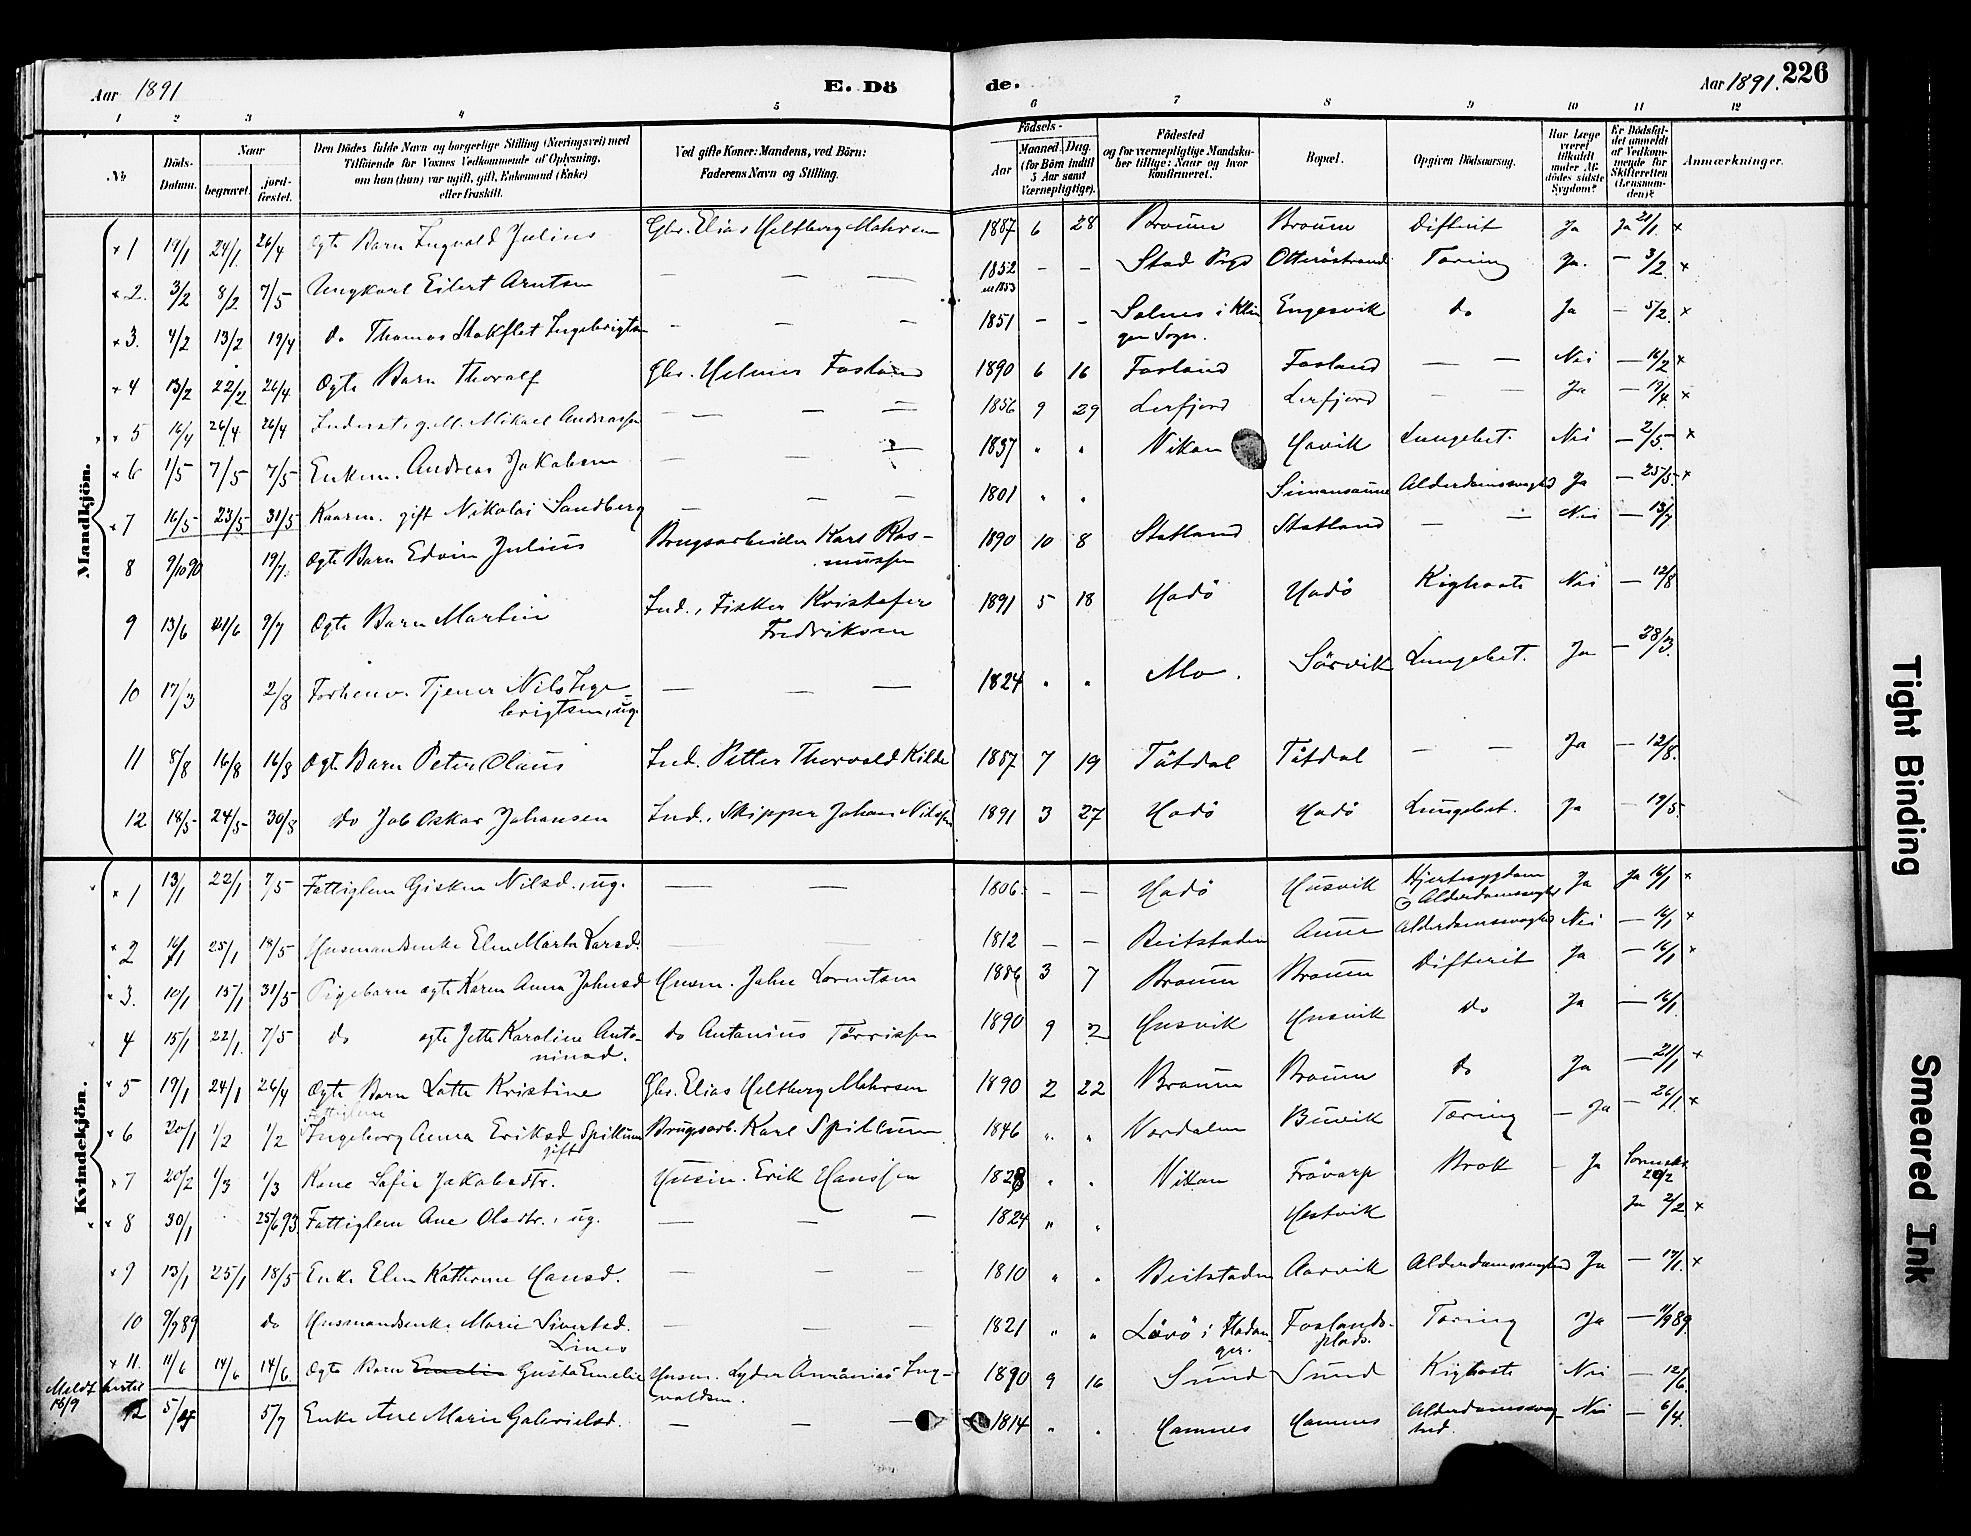 SAT, Ministerialprotokoller, klokkerbøker og fødselsregistre - Nord-Trøndelag, 774/L0628: Ministerialbok nr. 774A02, 1887-1903, s. 226